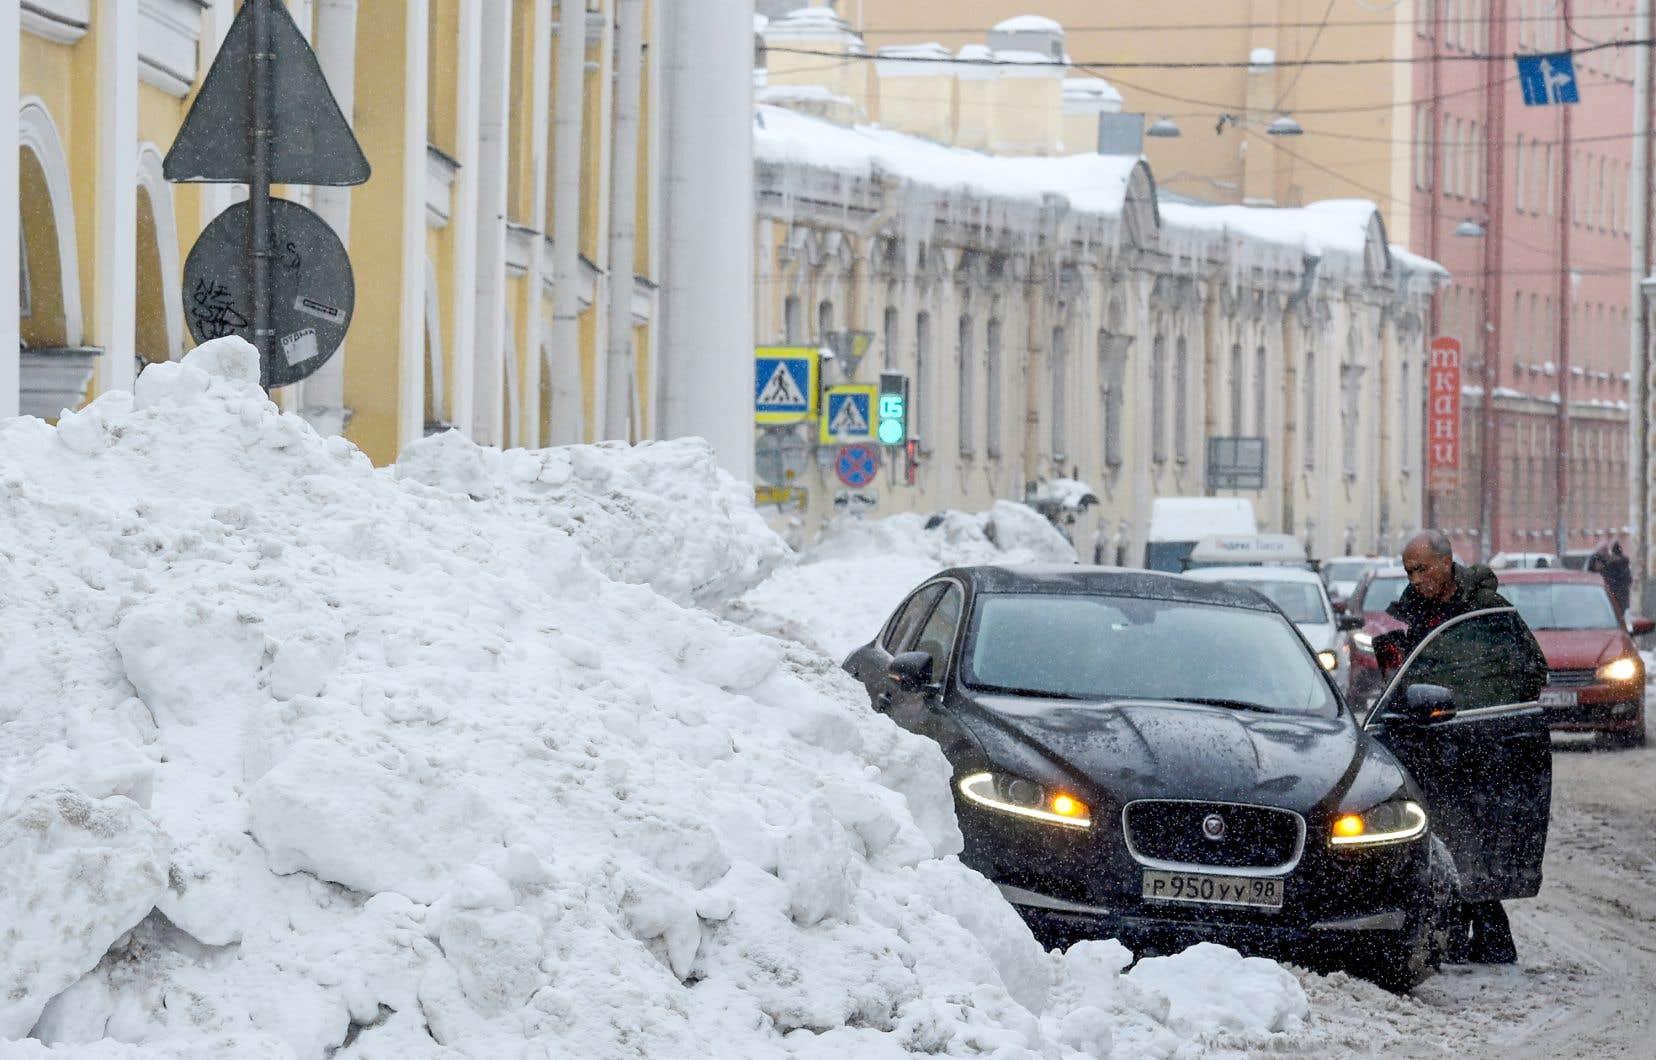 Les trottoirs sont complètement gelés et d'énormes congères parsèment la deuxième ville de Russie tandis que la circulation, à pied ou en voiture, vire au cauchemar.